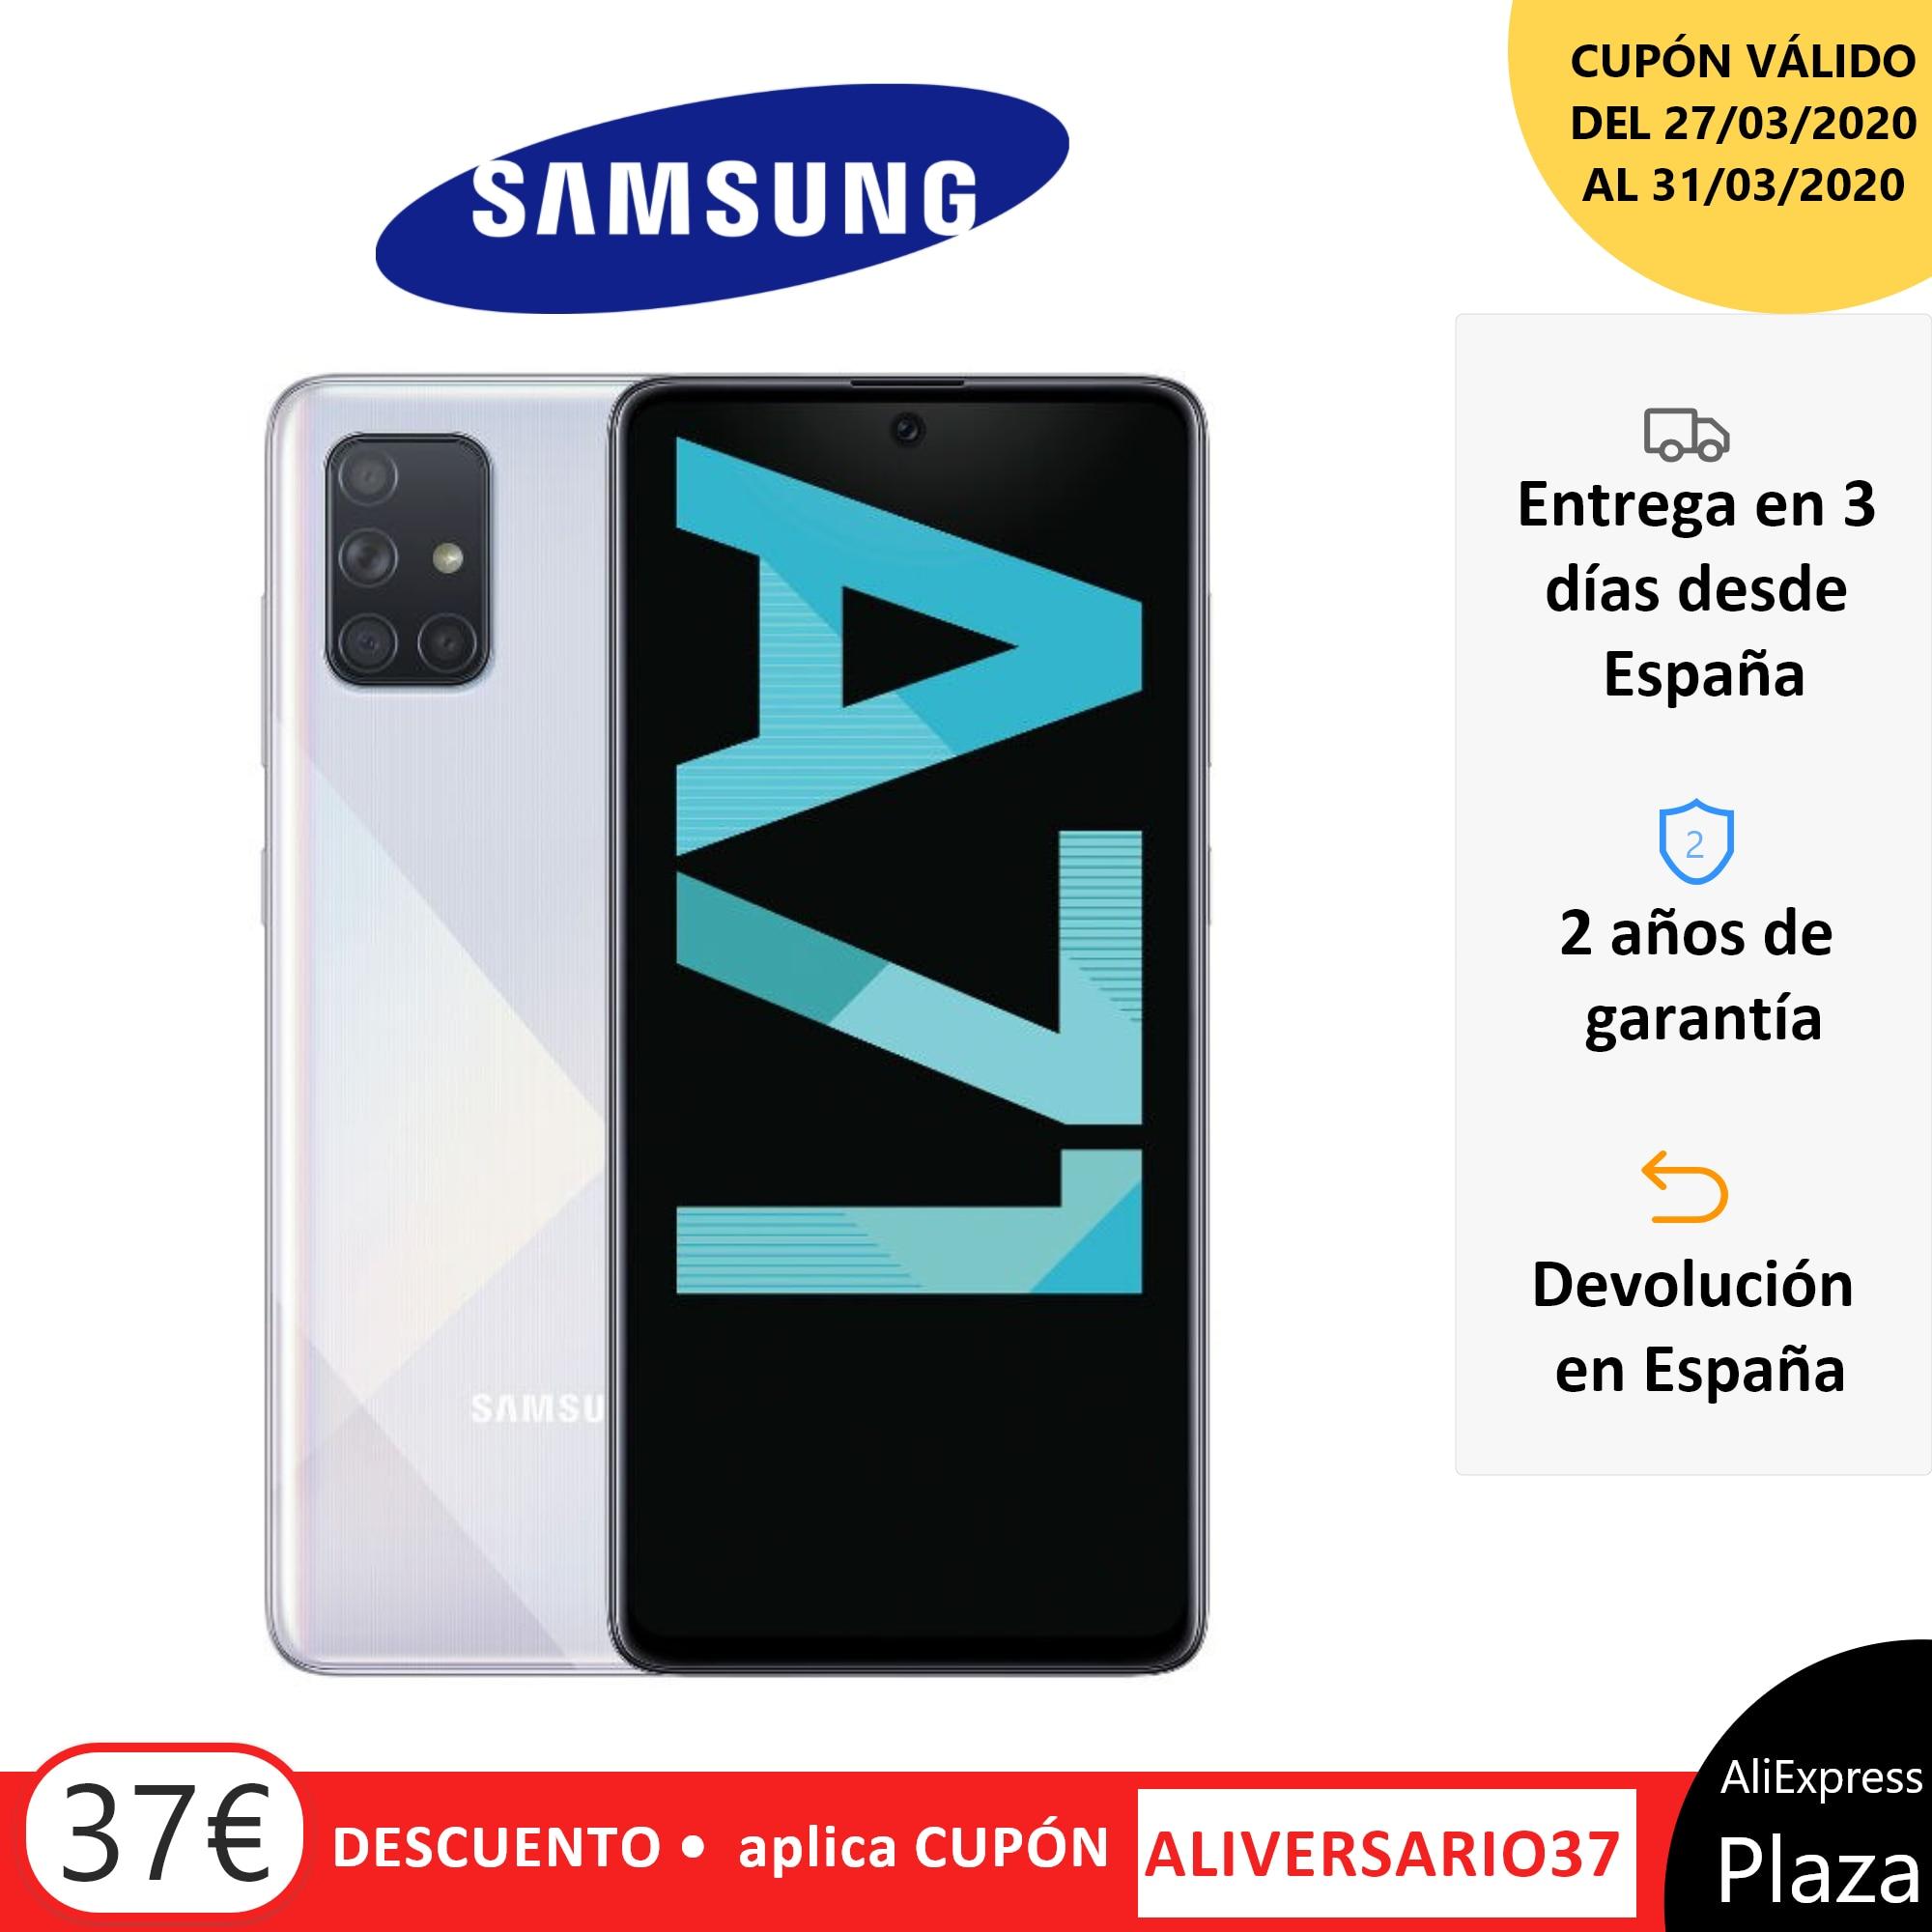 Teléfono Samsung Galaxy A71, Color Azul Blanco Negro, 128 GB De Memoria Interna, 6 GB De RAM, Pantalla FHD+ De 6.7